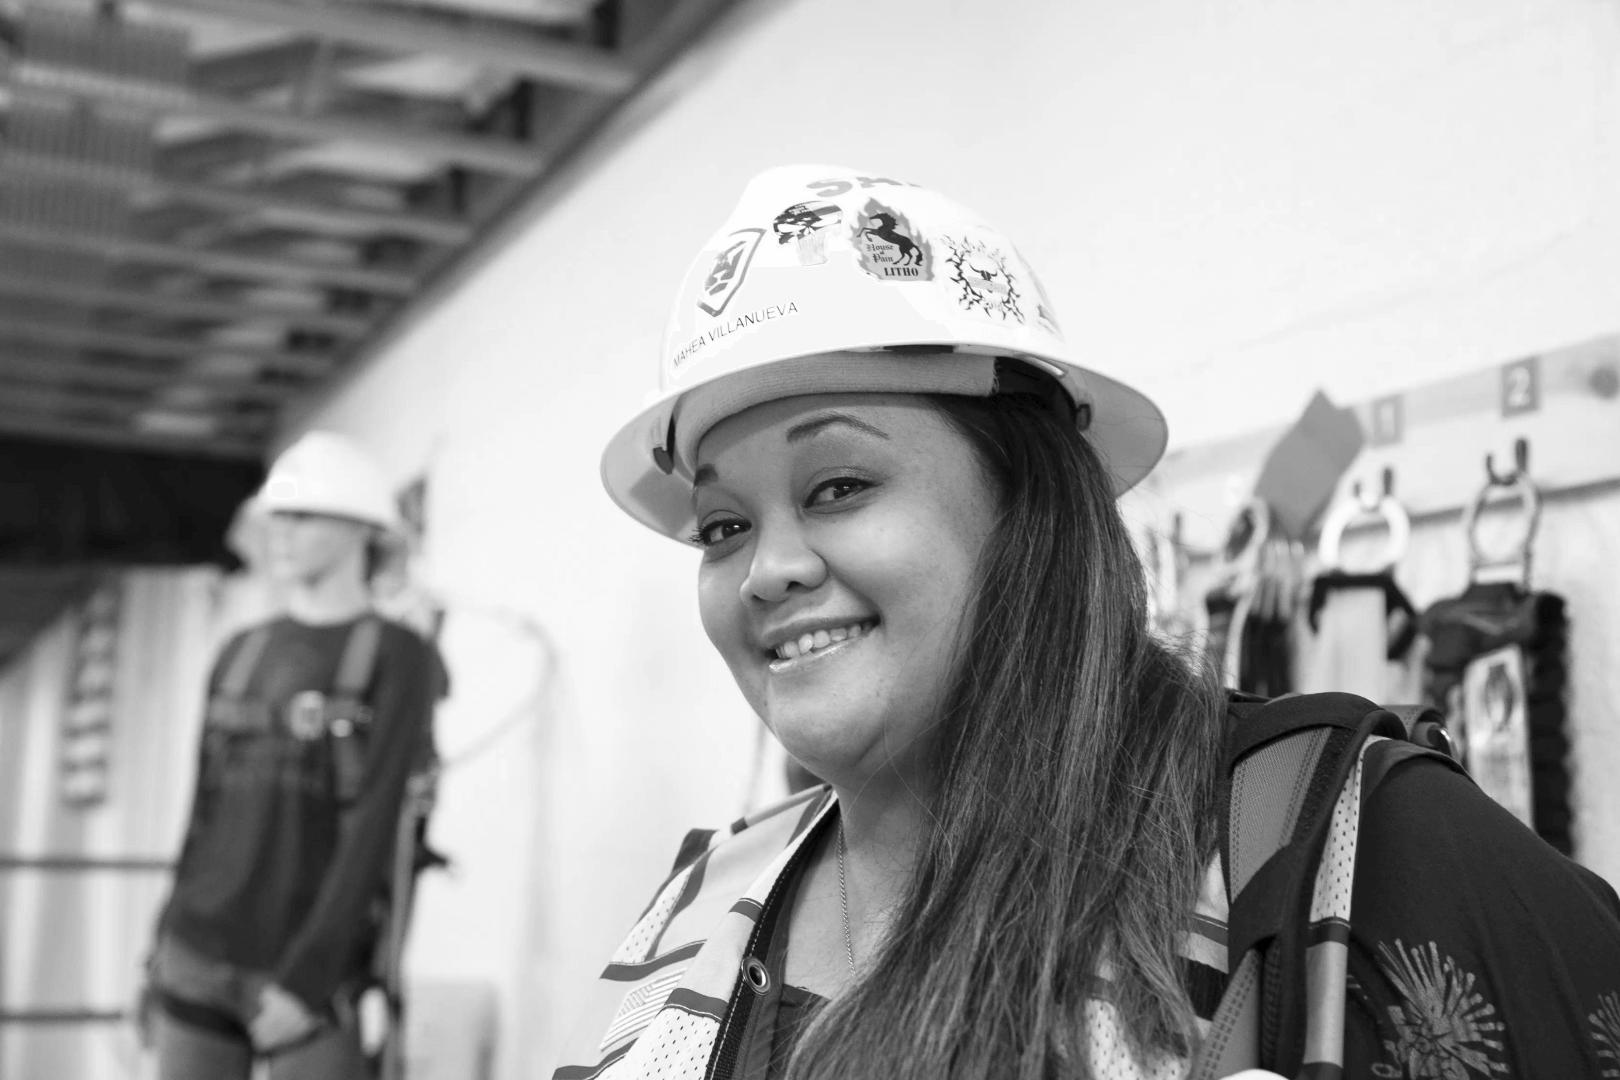 Women in Construction – Mahea Villanueva